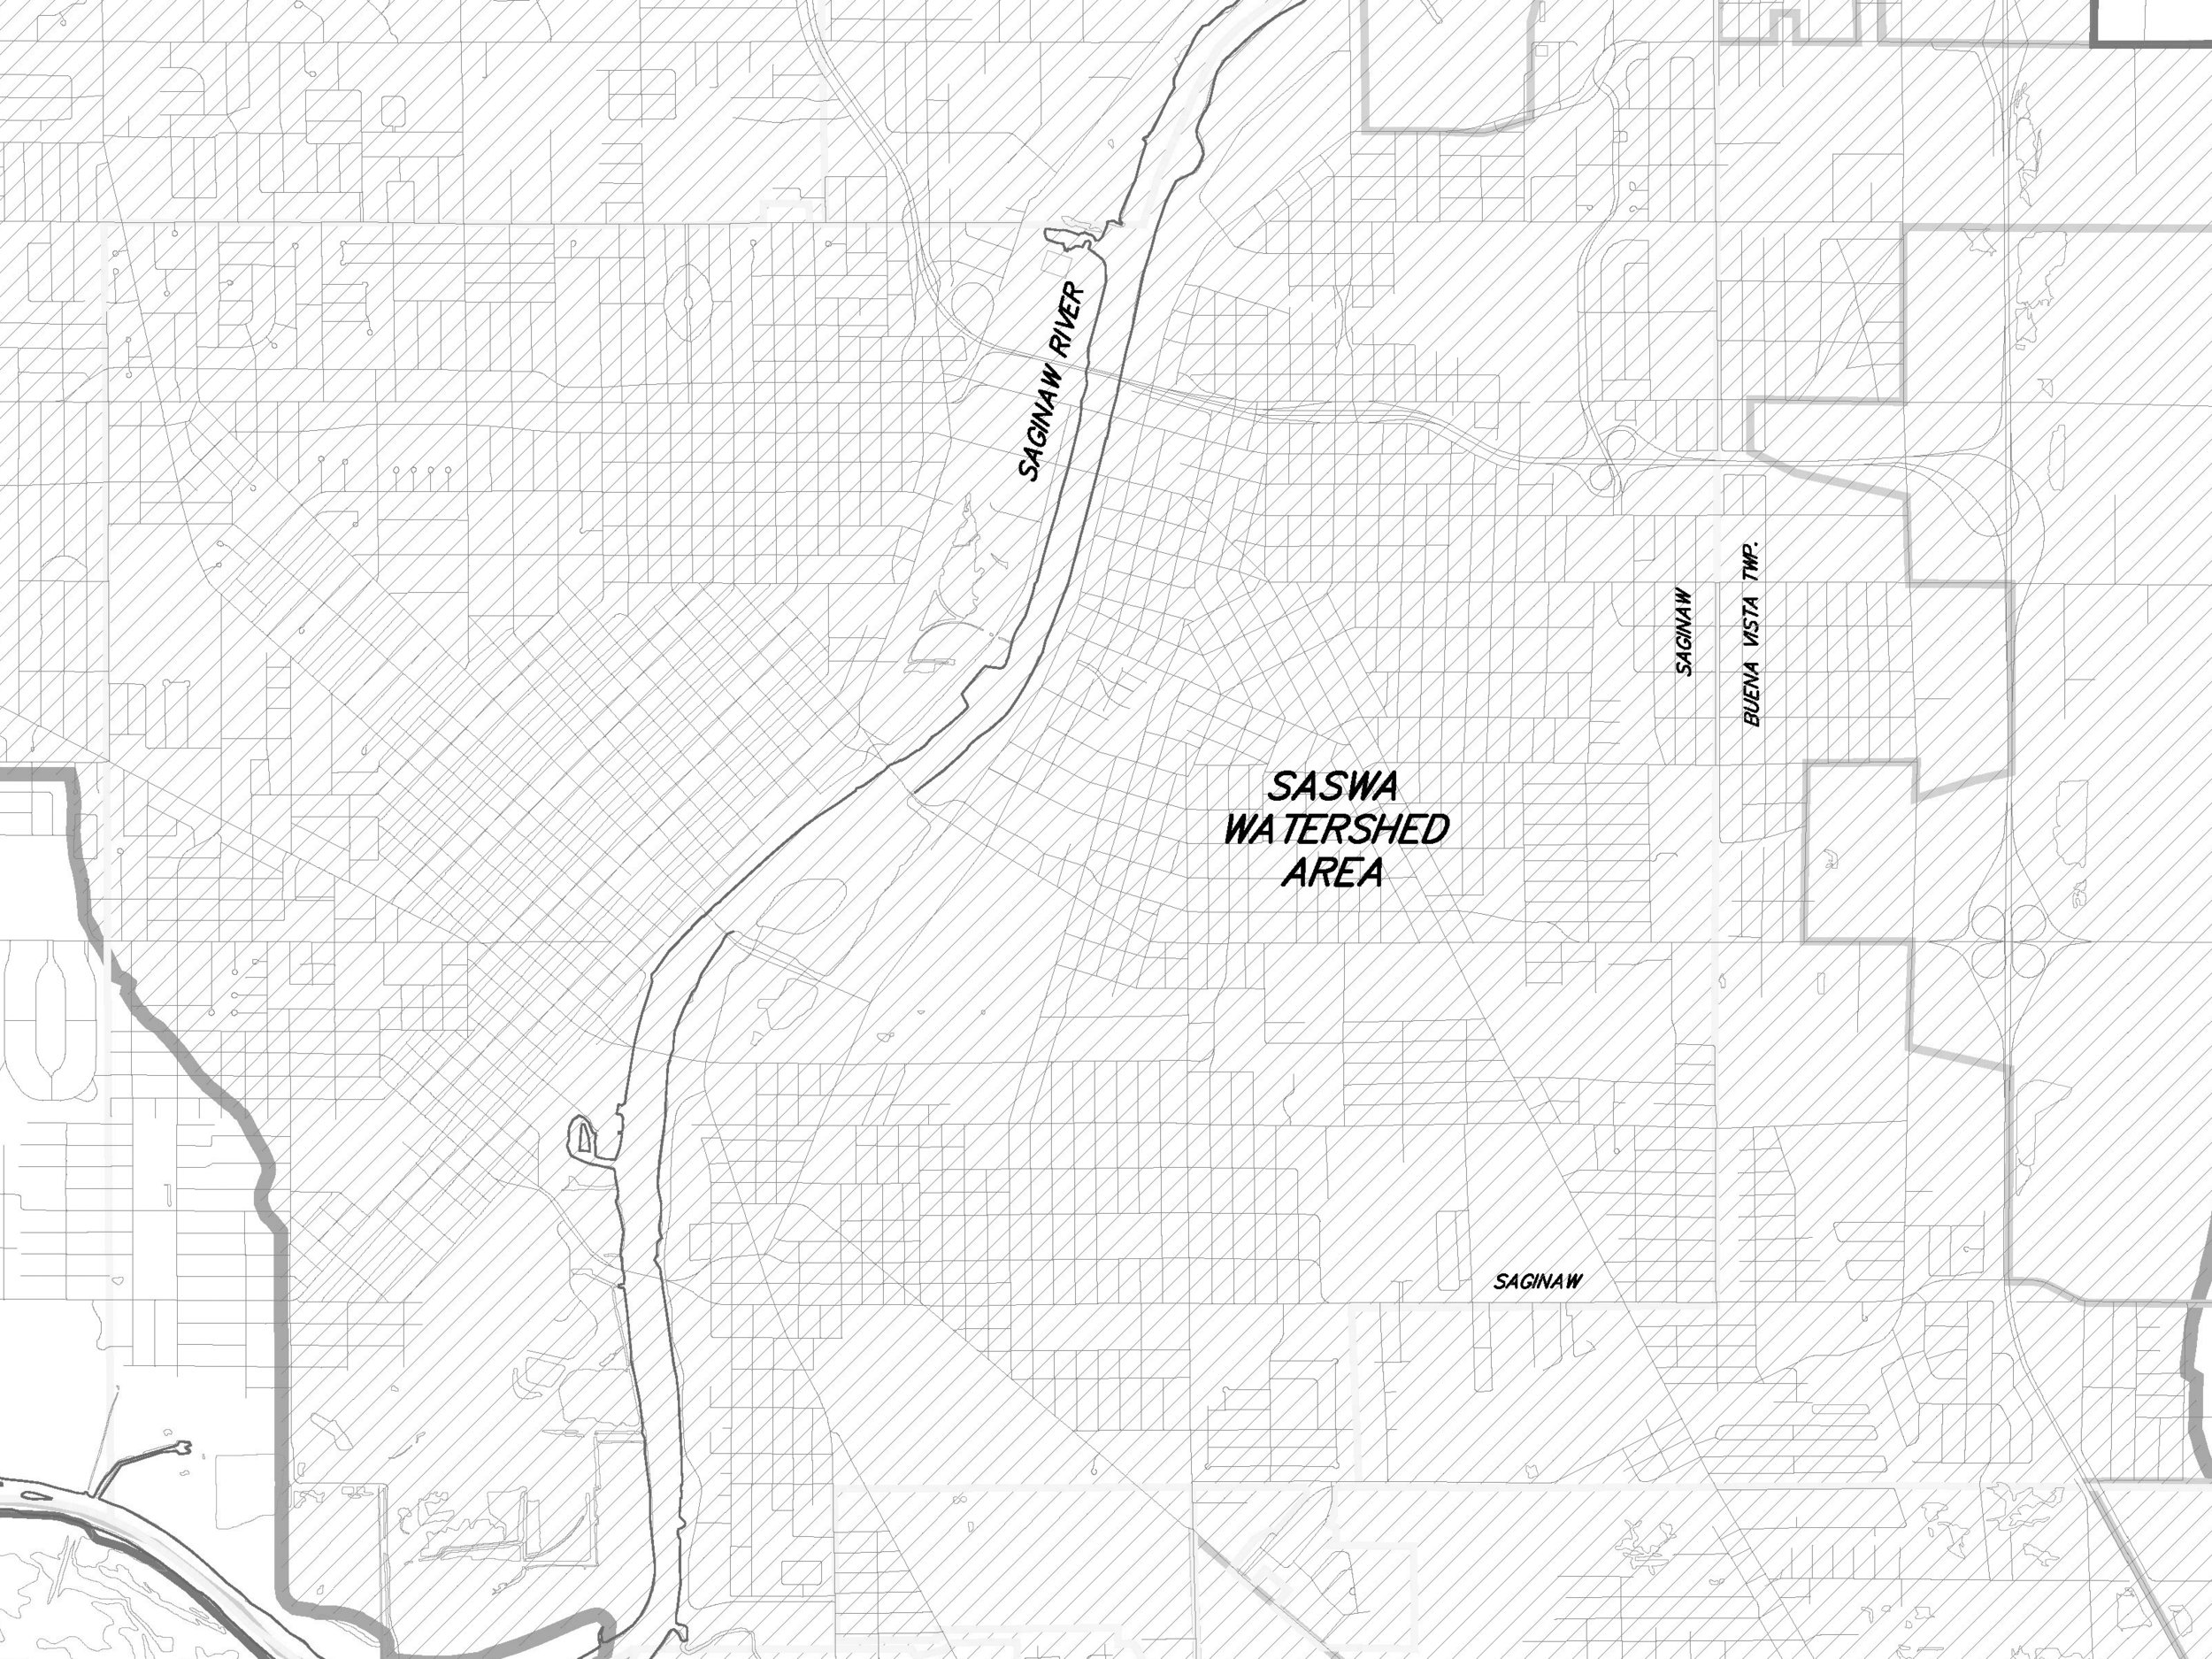 Upper Saginaw Watershed - PDF / Large Image